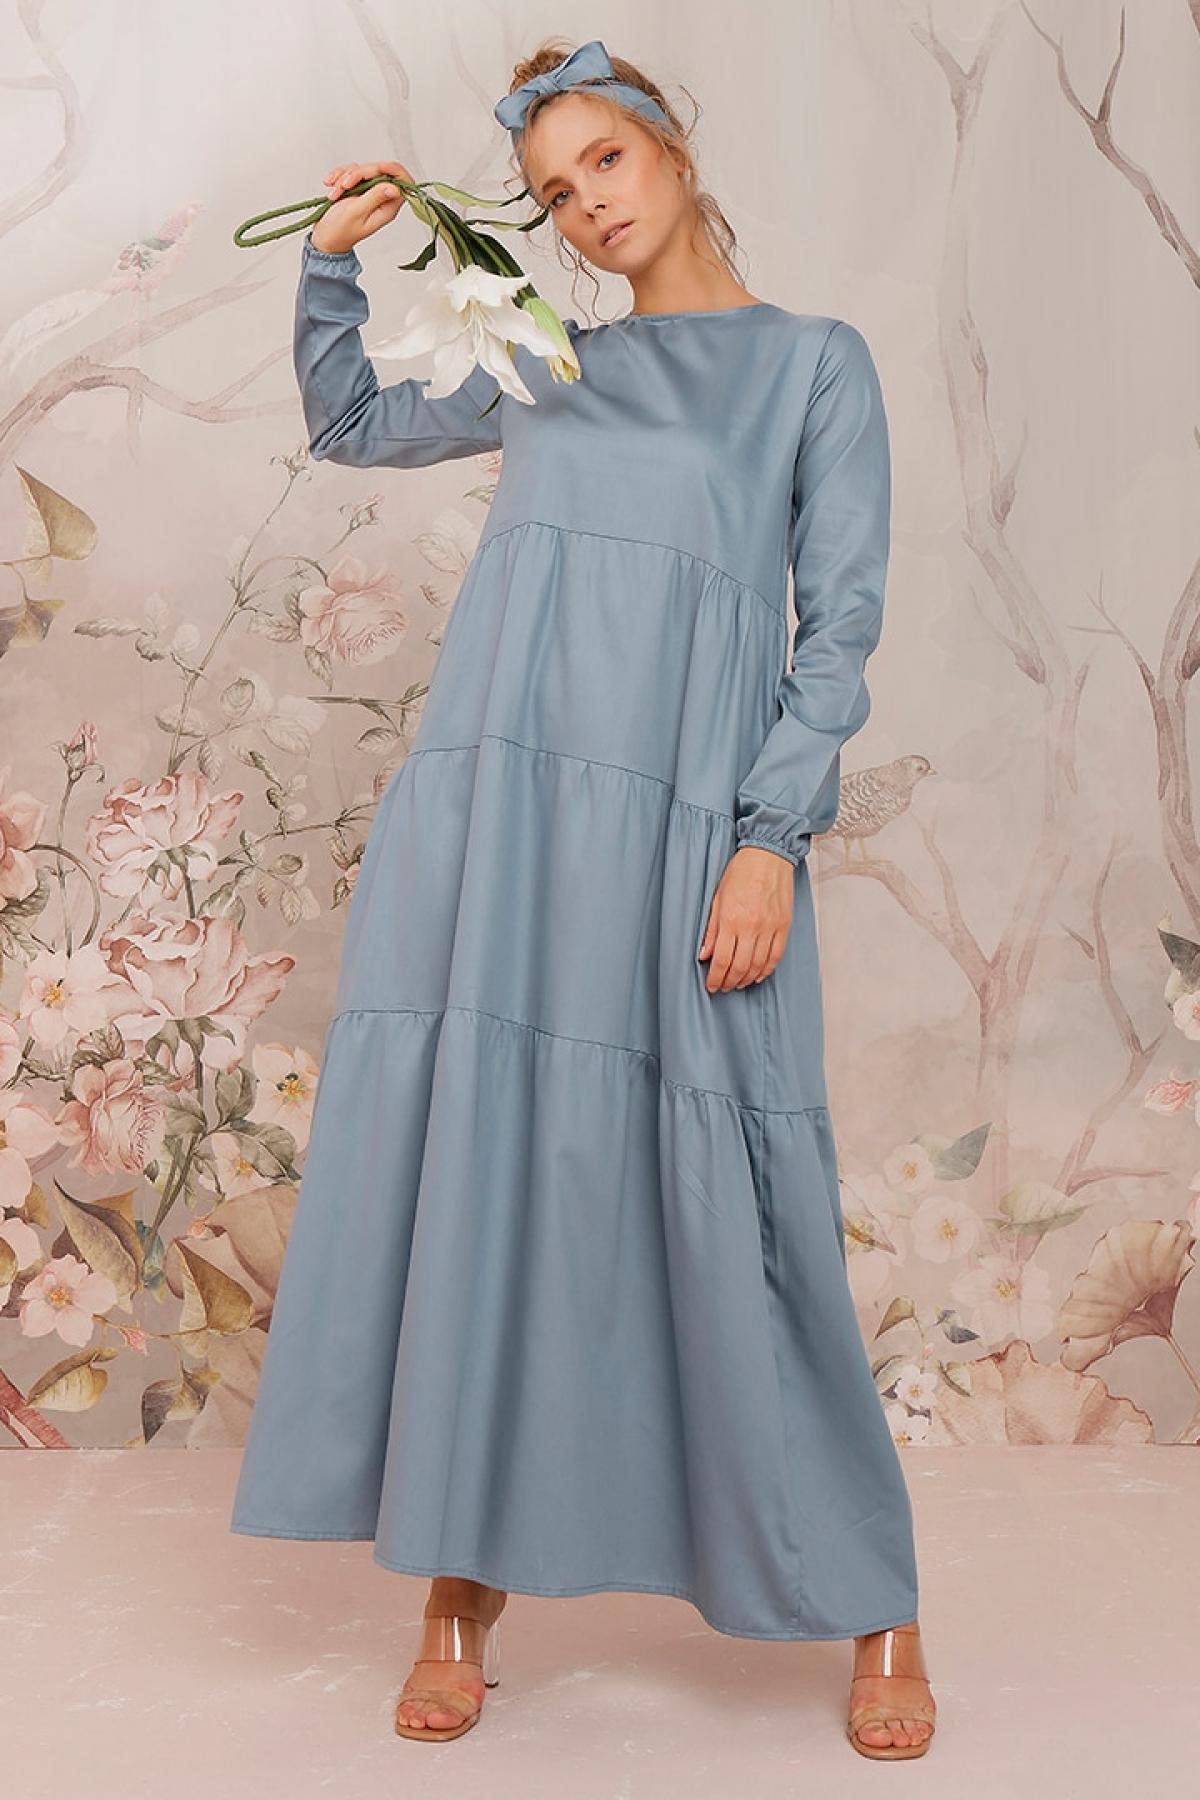 Ceylan Otantik İndigo Düz Renk Kat Elbise